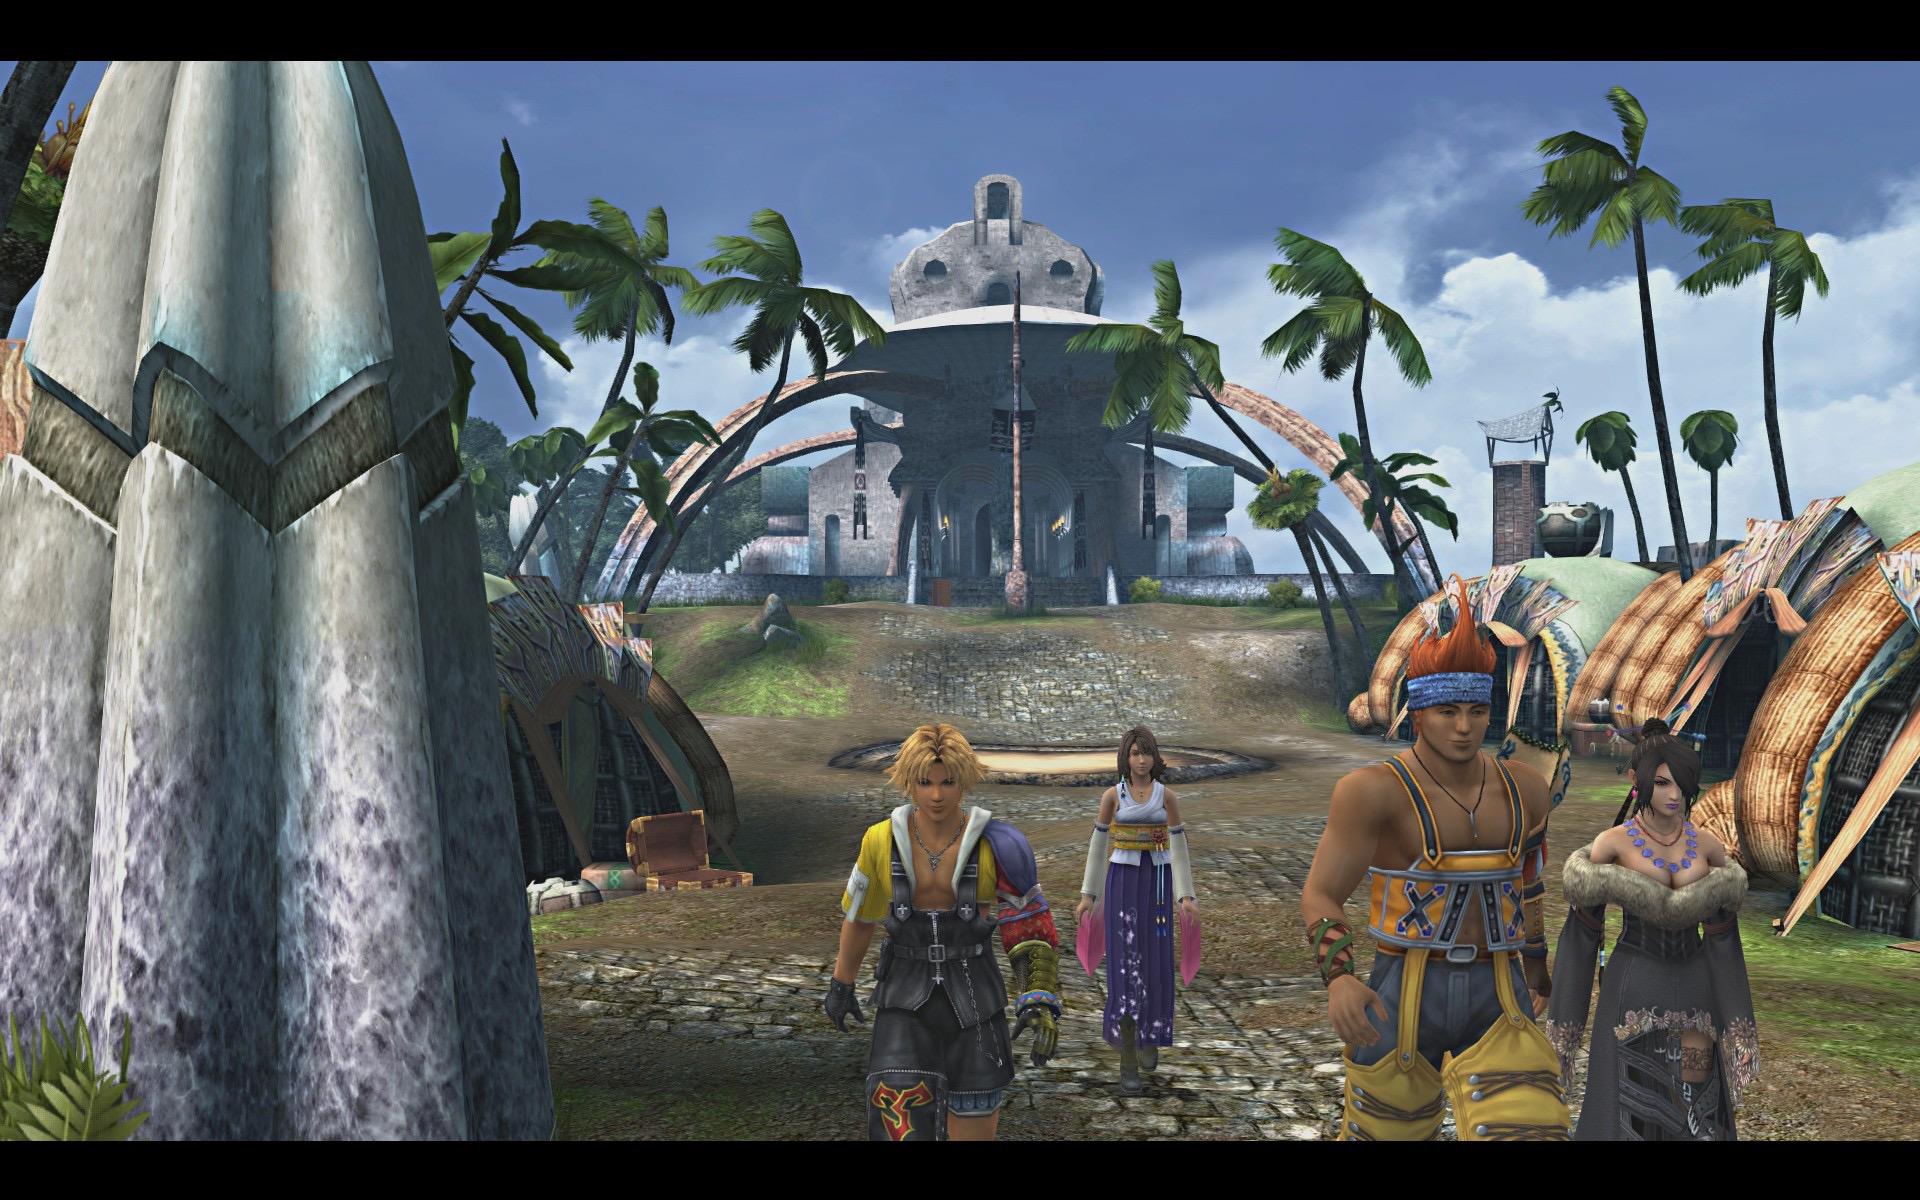 Yuna一行离开寺院